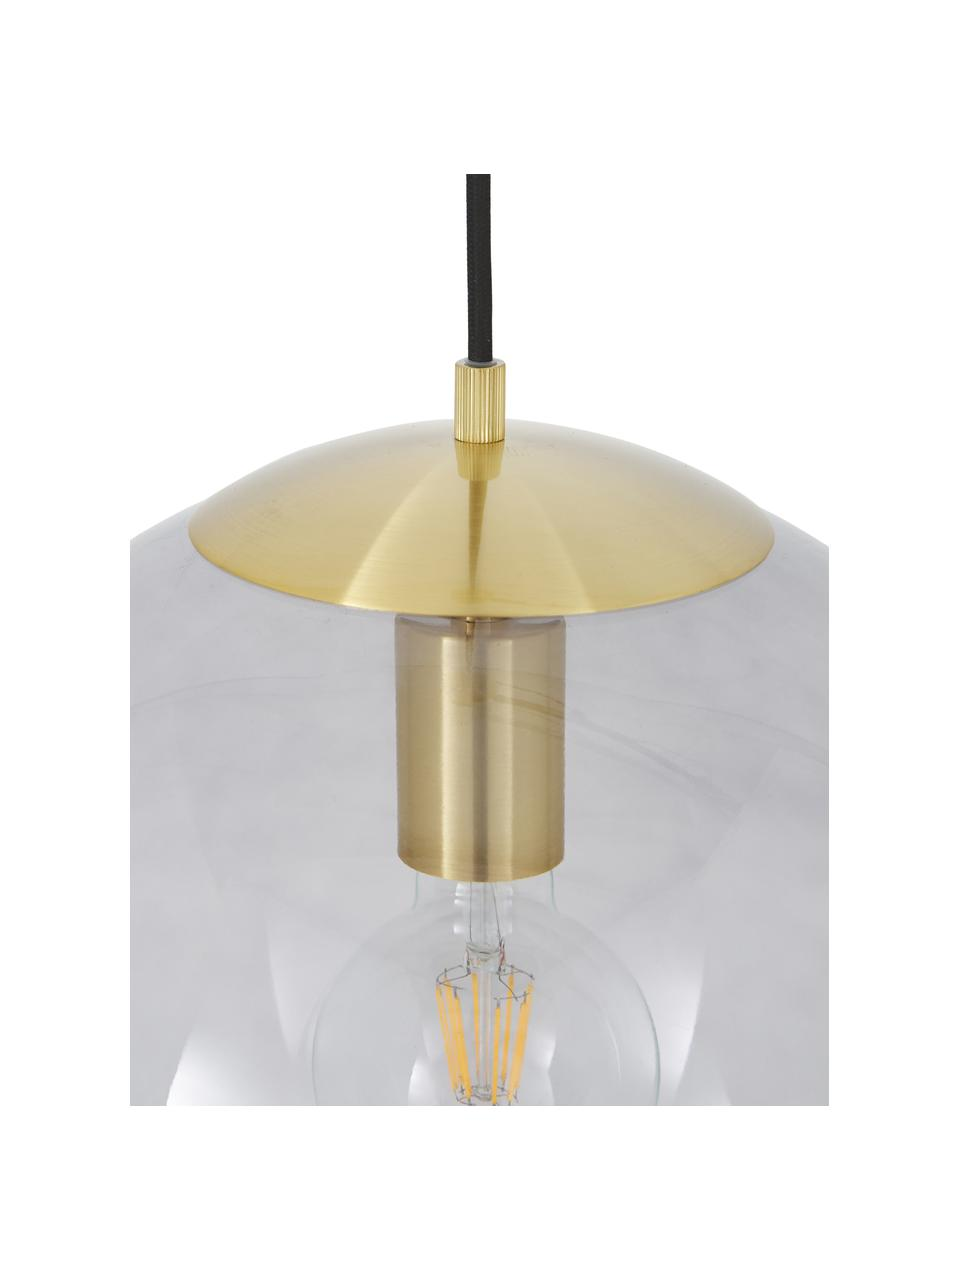 Lampada a sospensione in vetro Bao, Paralume: vetro, Baldacchino: metallo zincato, Blu, Ø 35 cm